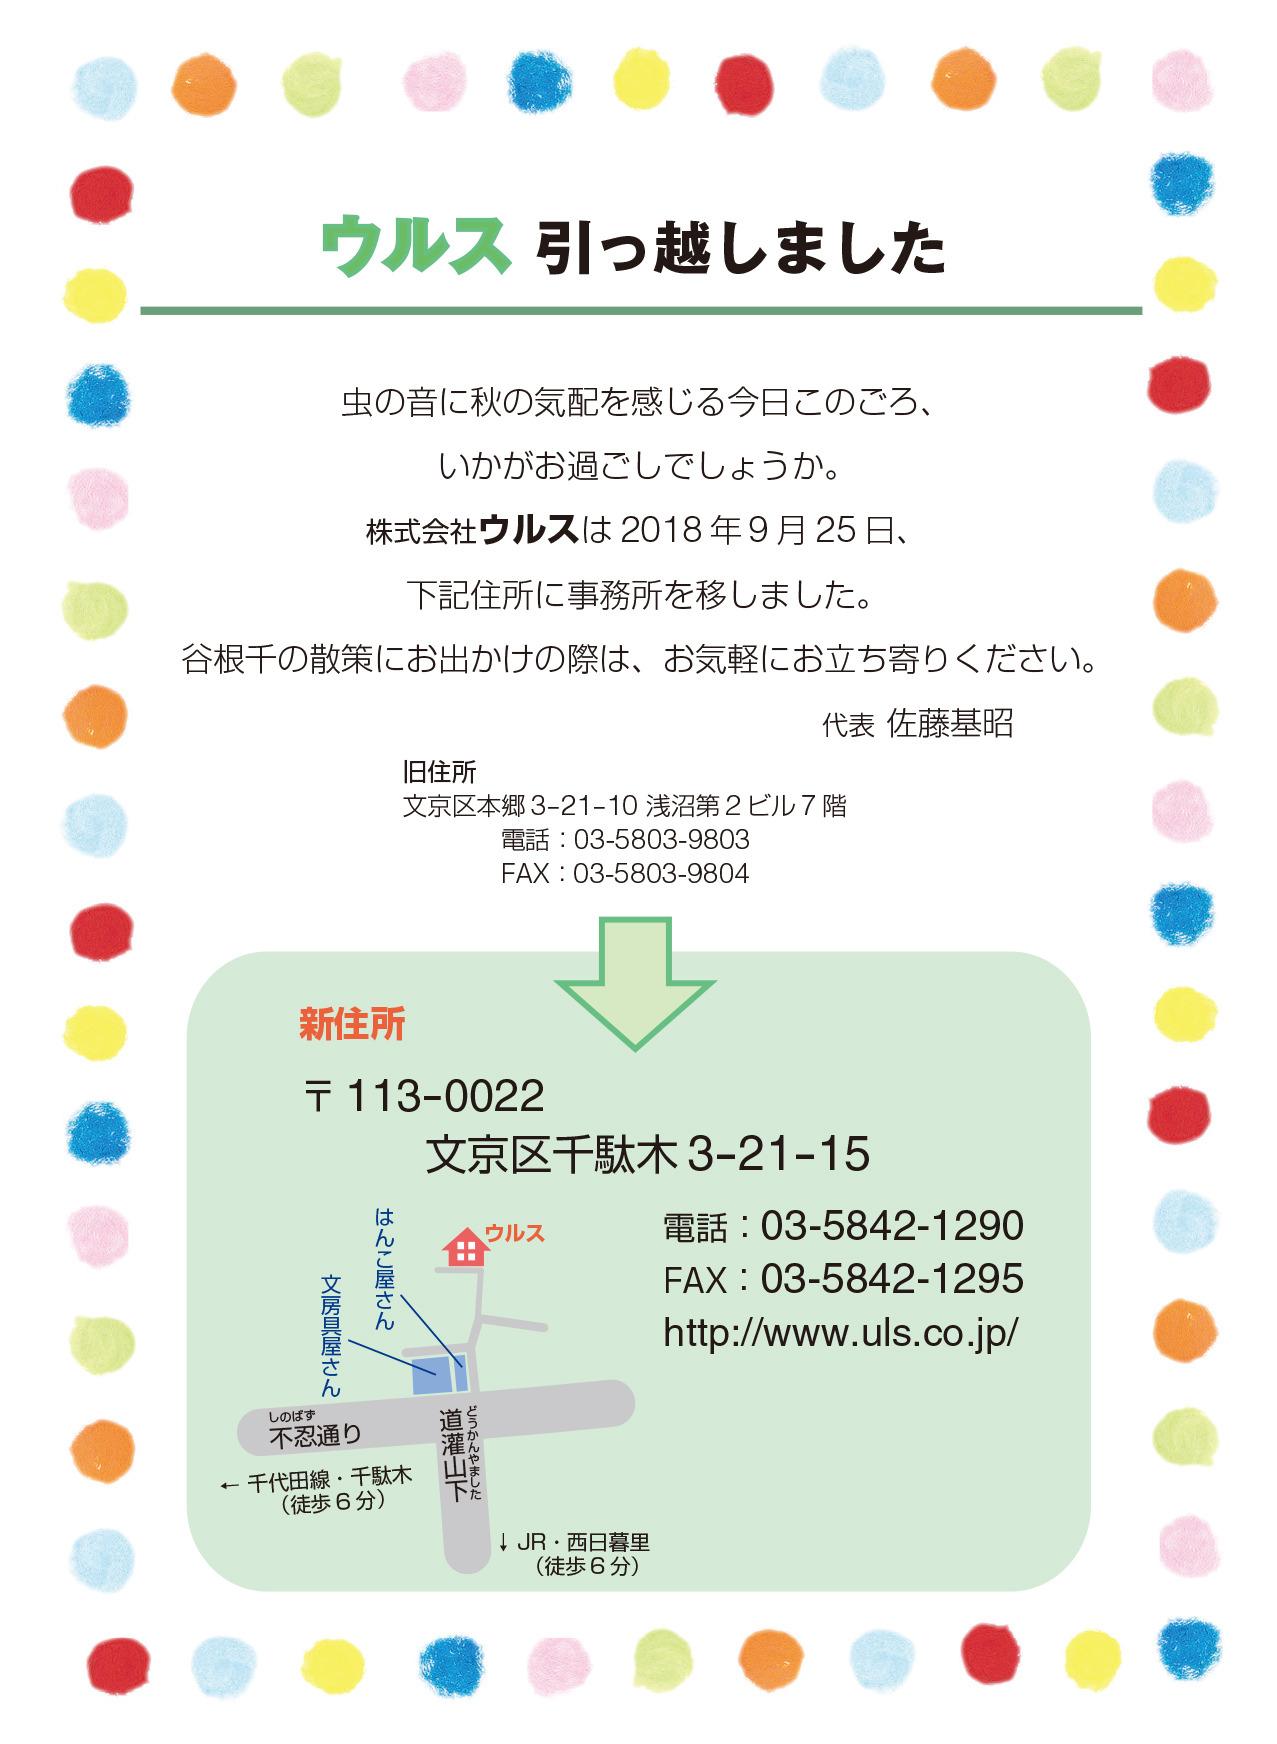 hikoshi2.jpg